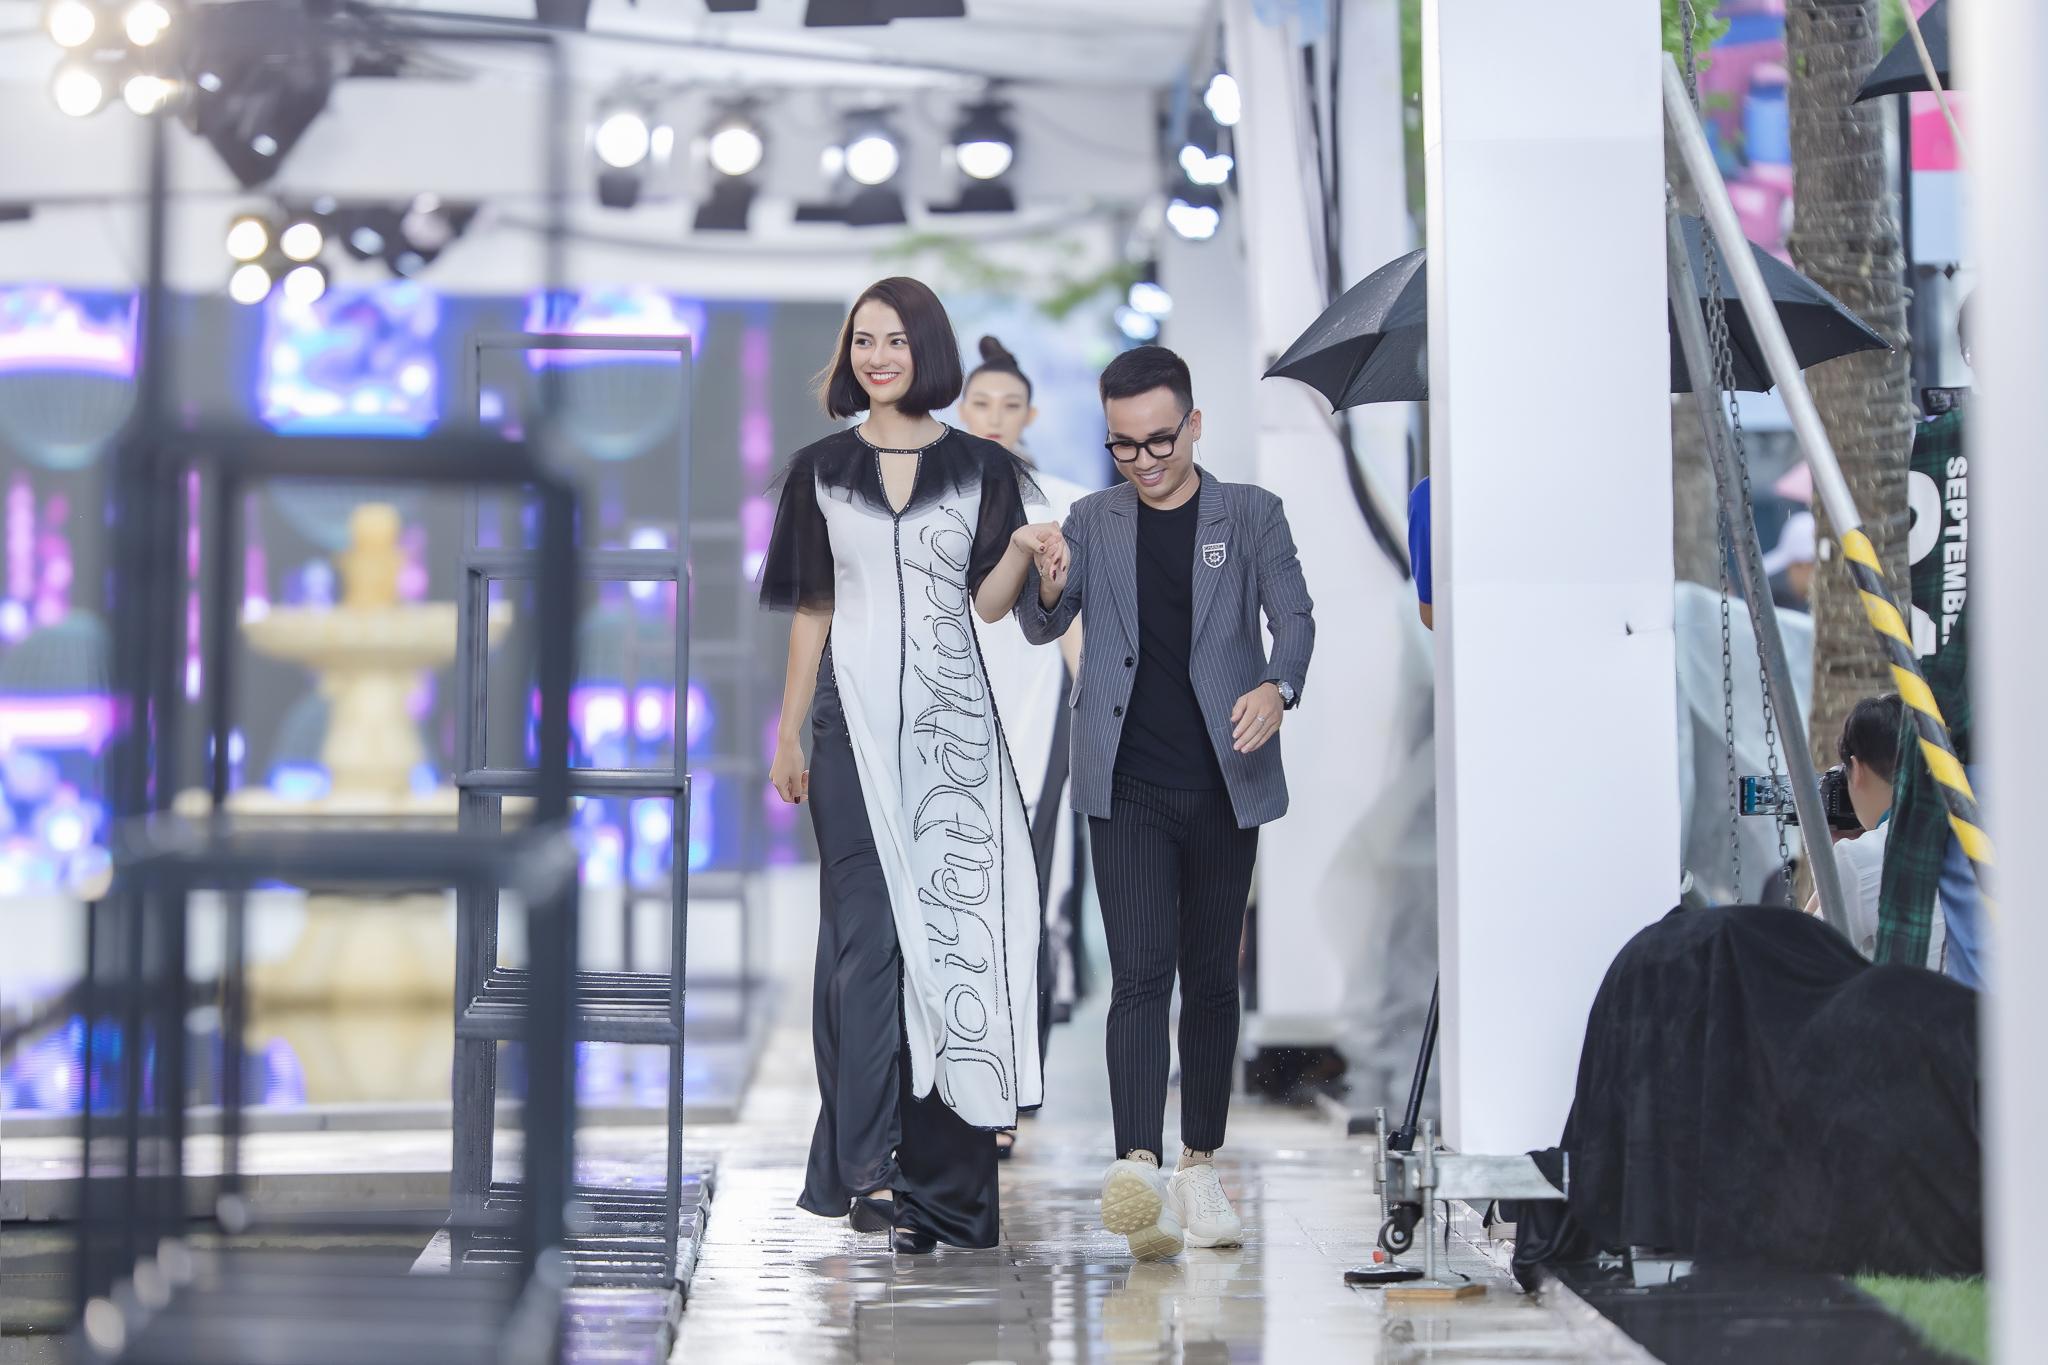 Hồng Quế diện áo dài Hà Duy, catwalk nổi bật giữa dàn mẫu Trung Quốc Ảnh 2